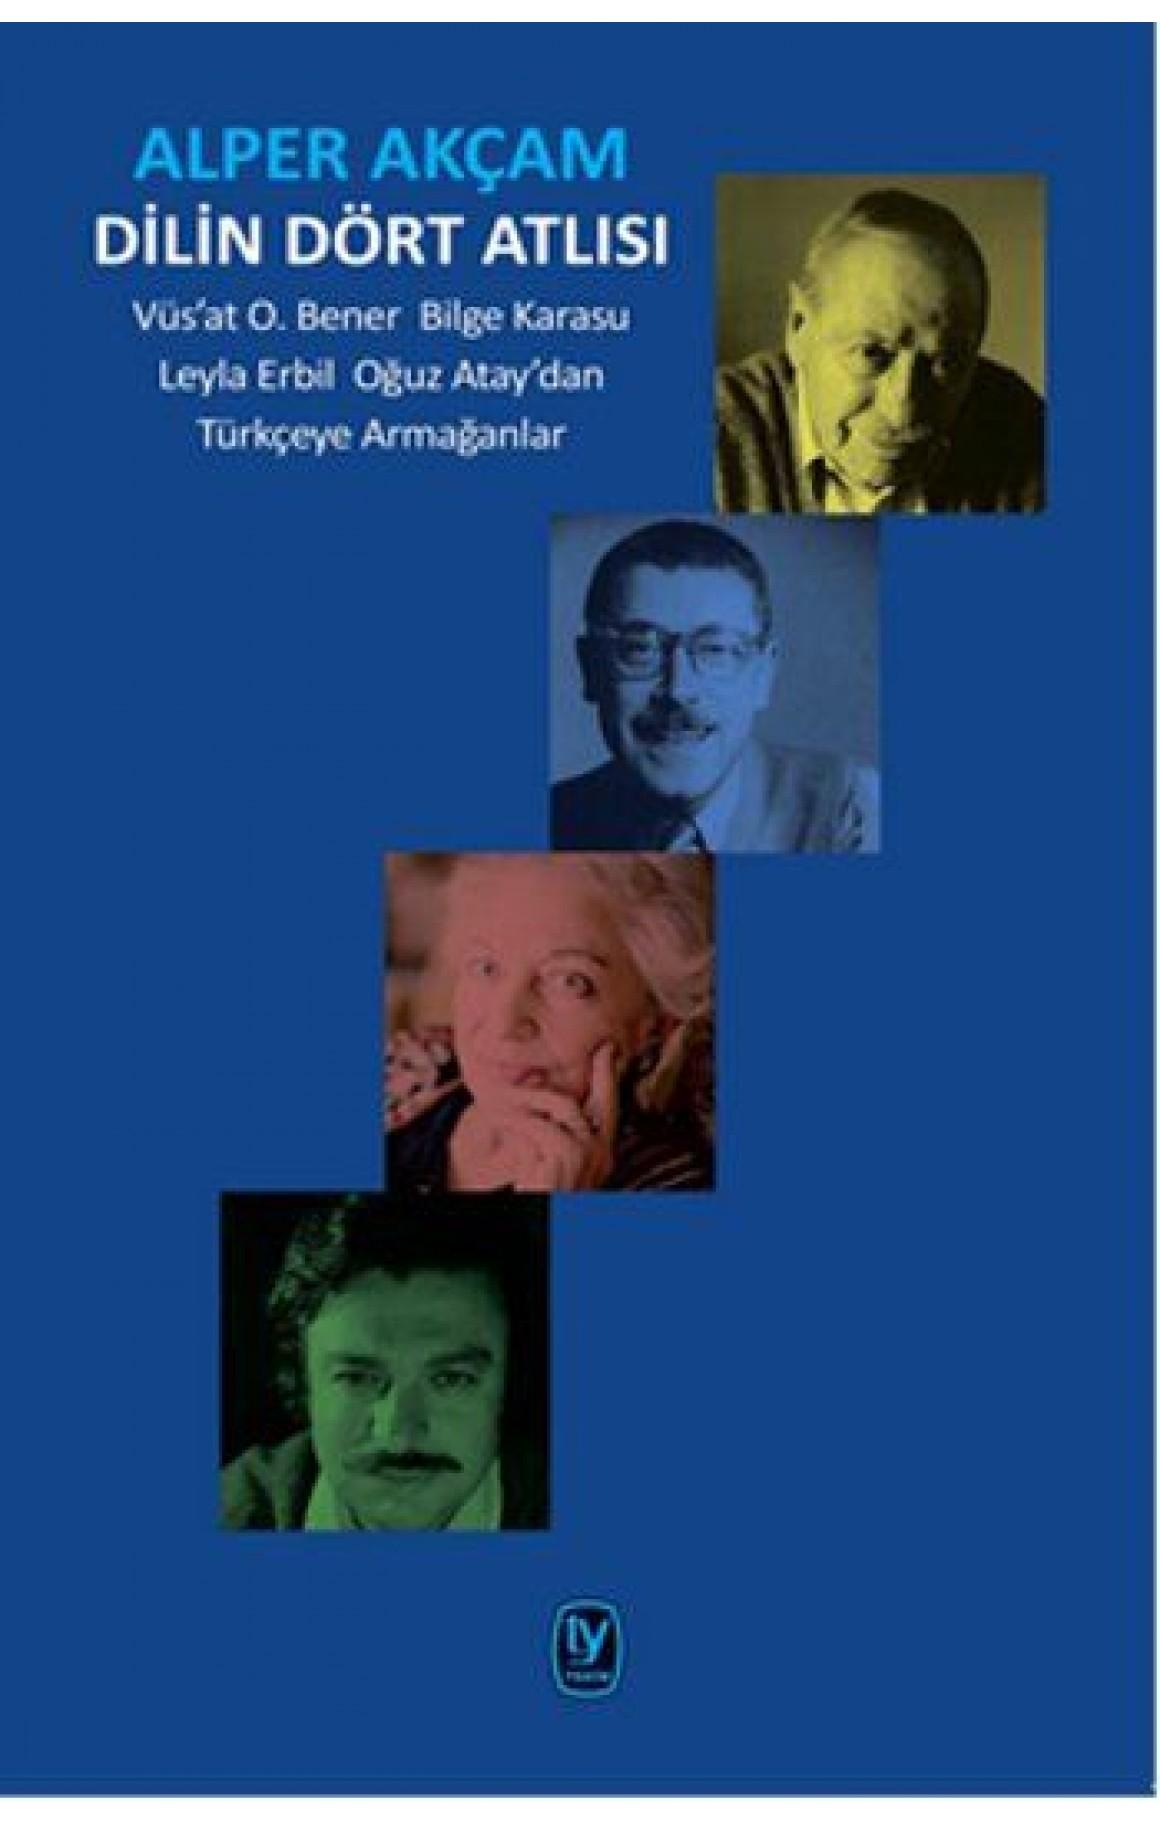 Dilin Dört Atlısı-Vüsat O.Bener Bilge Karasu, Leyla Erbil, Oğuz Ataydan Türkçeye Armağanlar